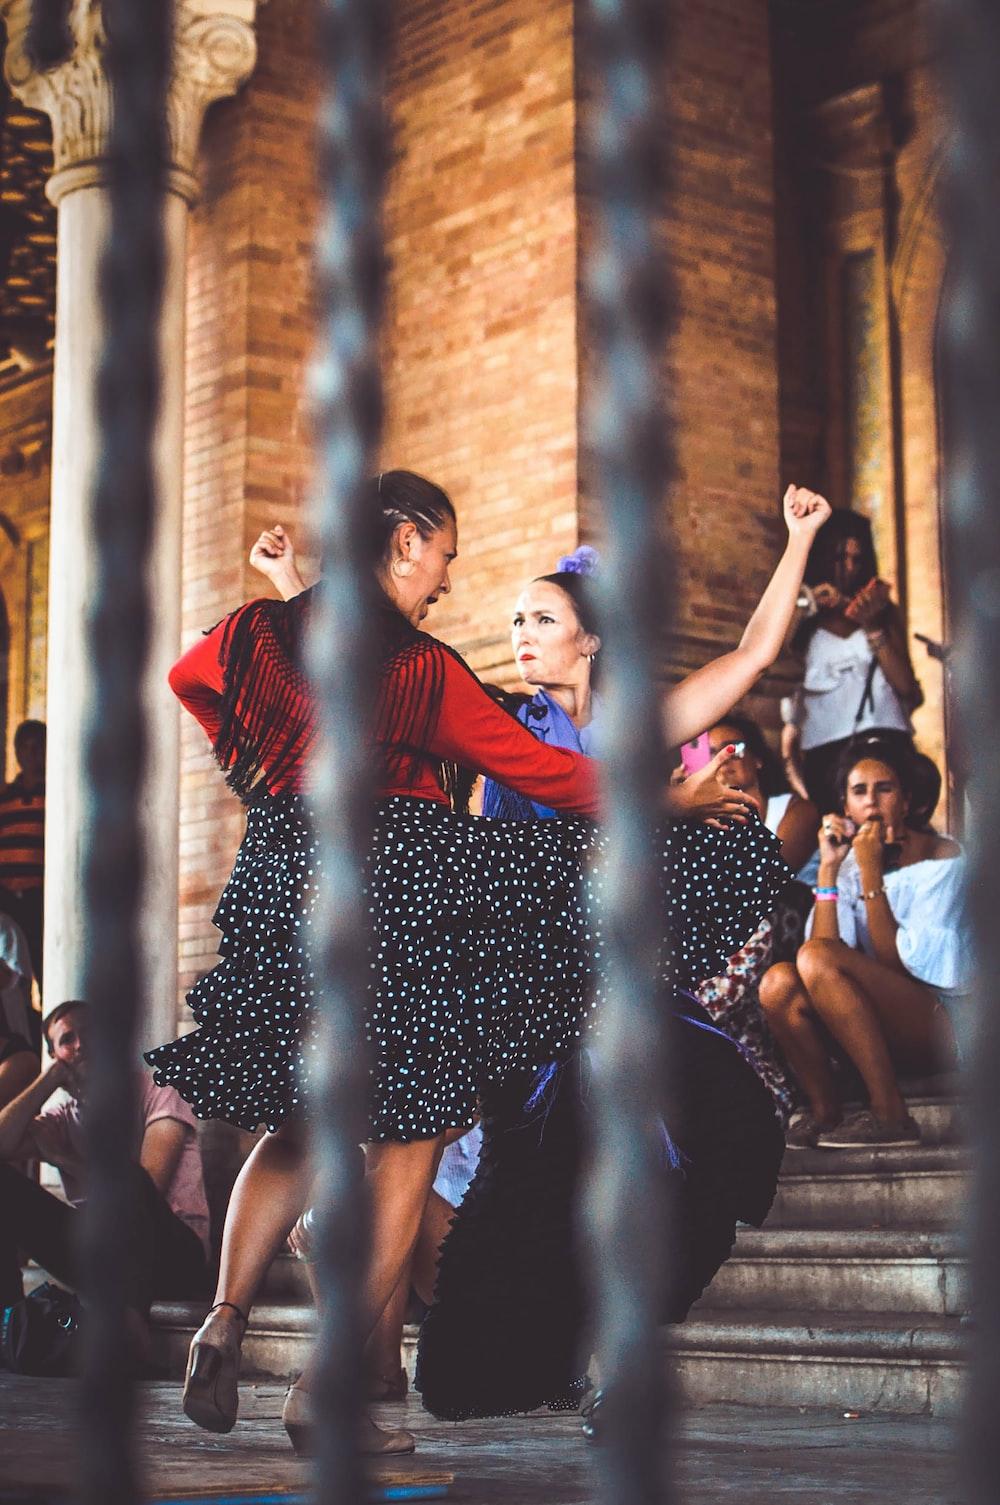 two women dancing outdoors